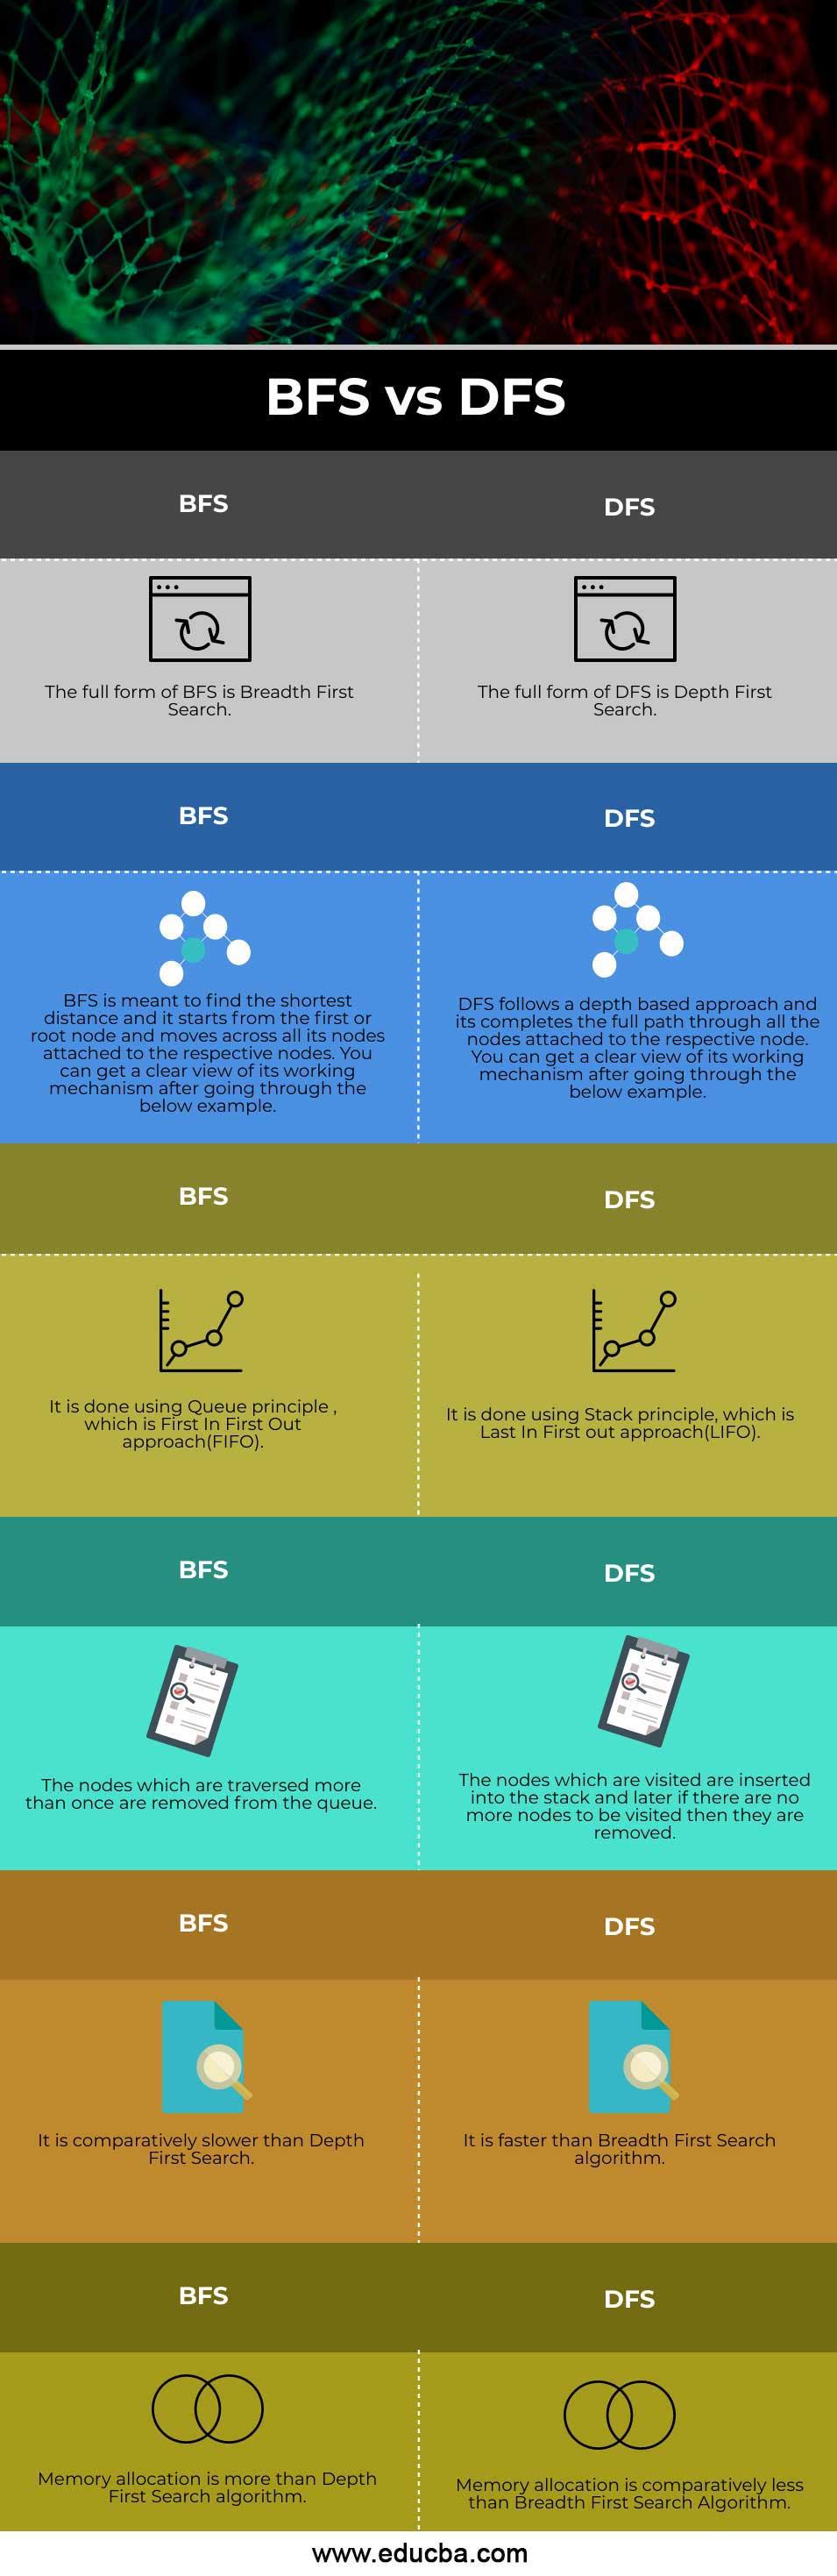 BFS-vs--DFS-info